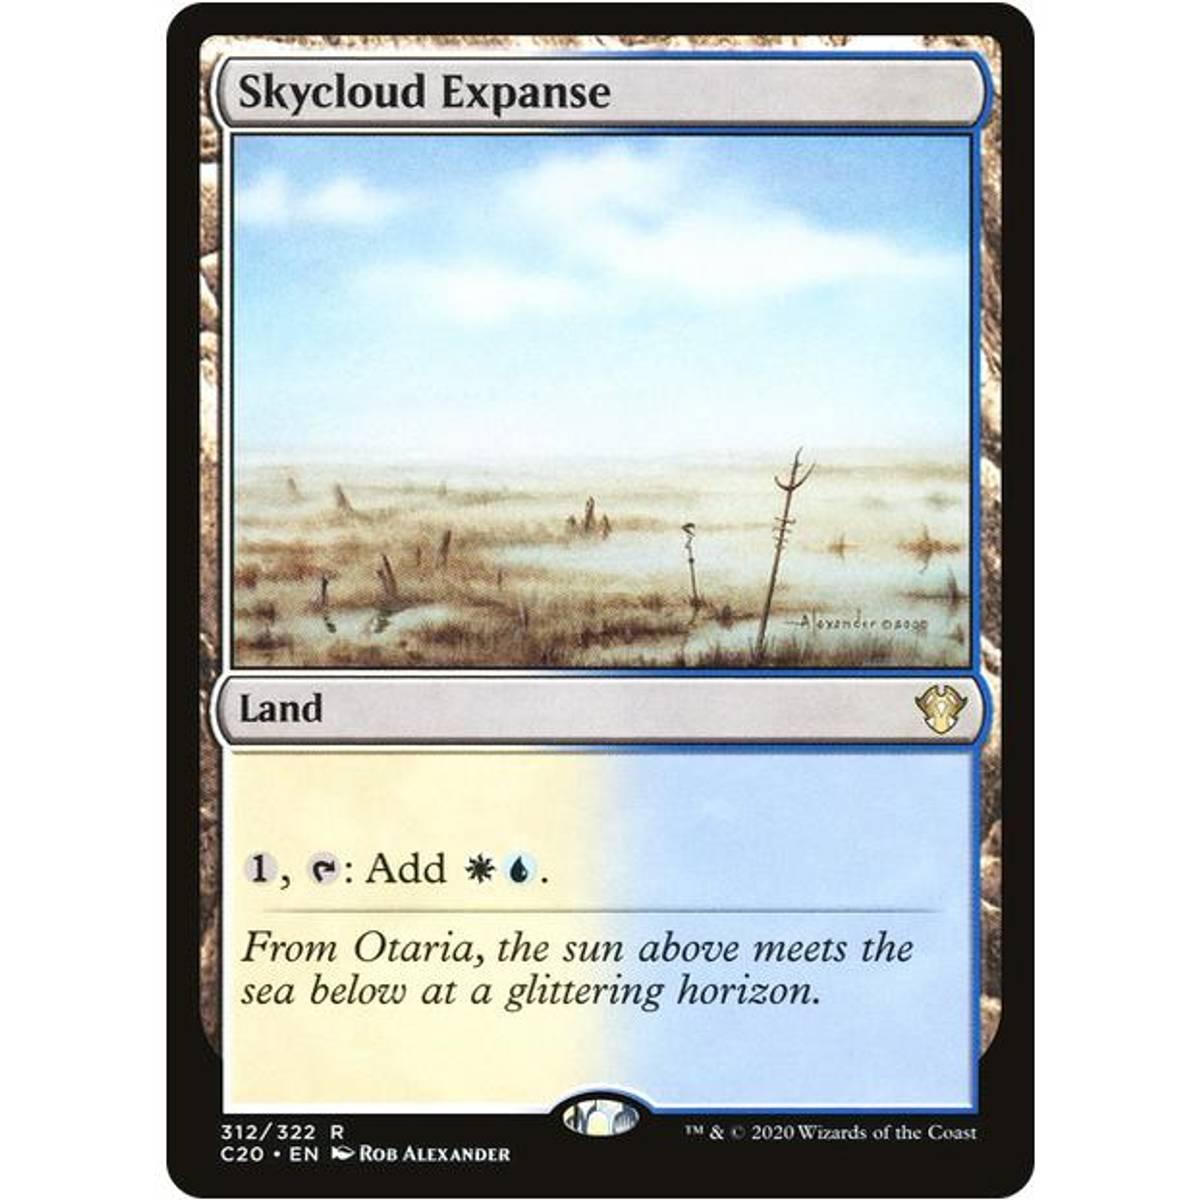 Skycloud Expanse